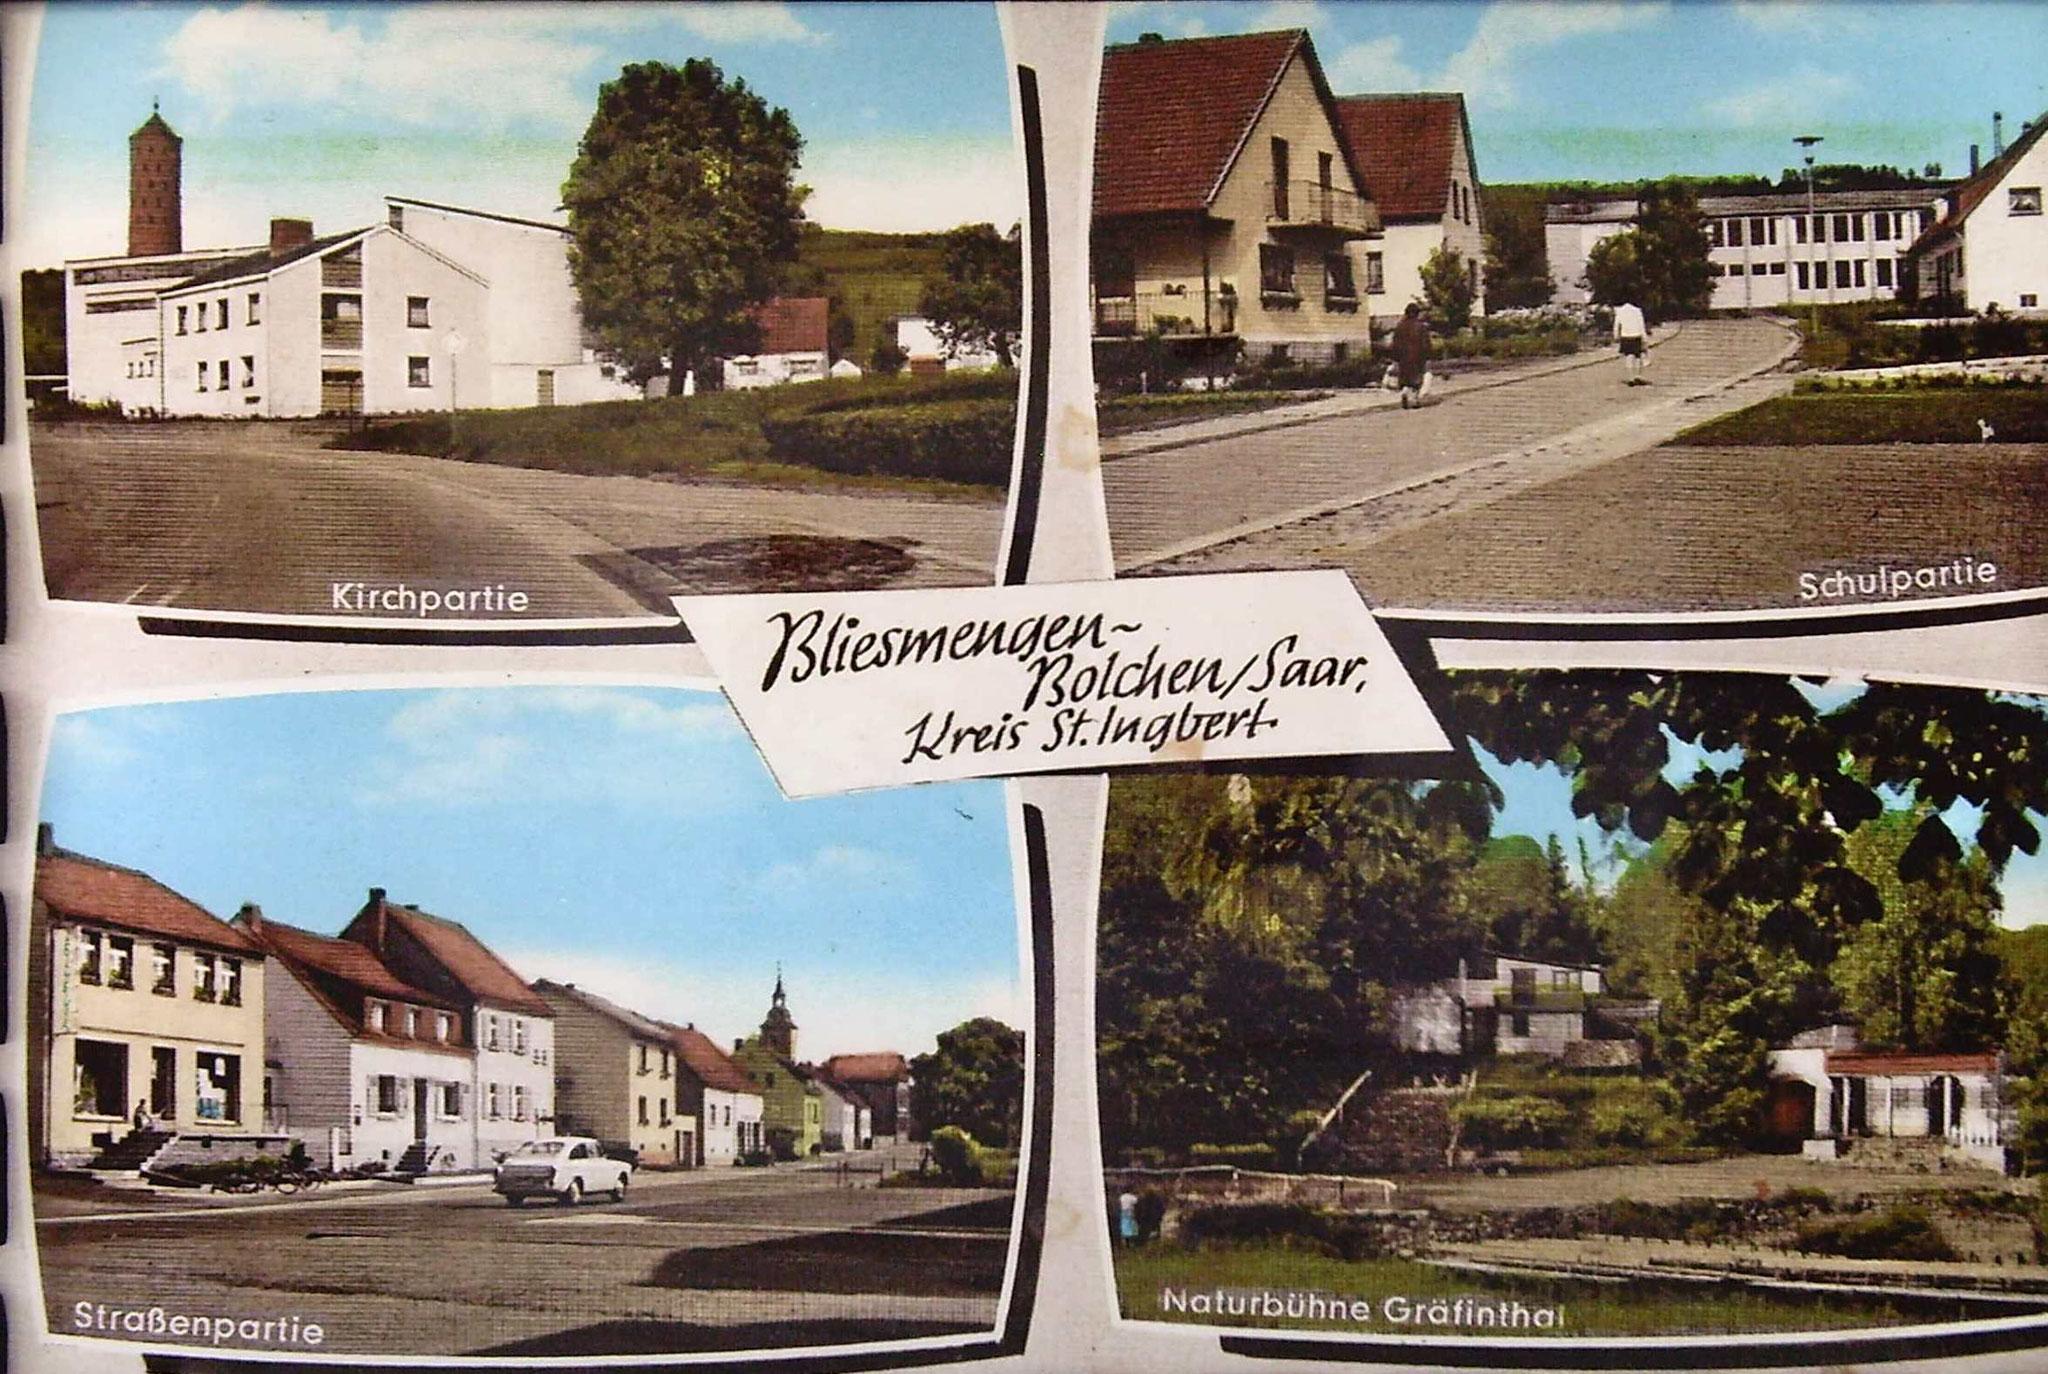 Ansichtskarte aus den 1970er-Jahren